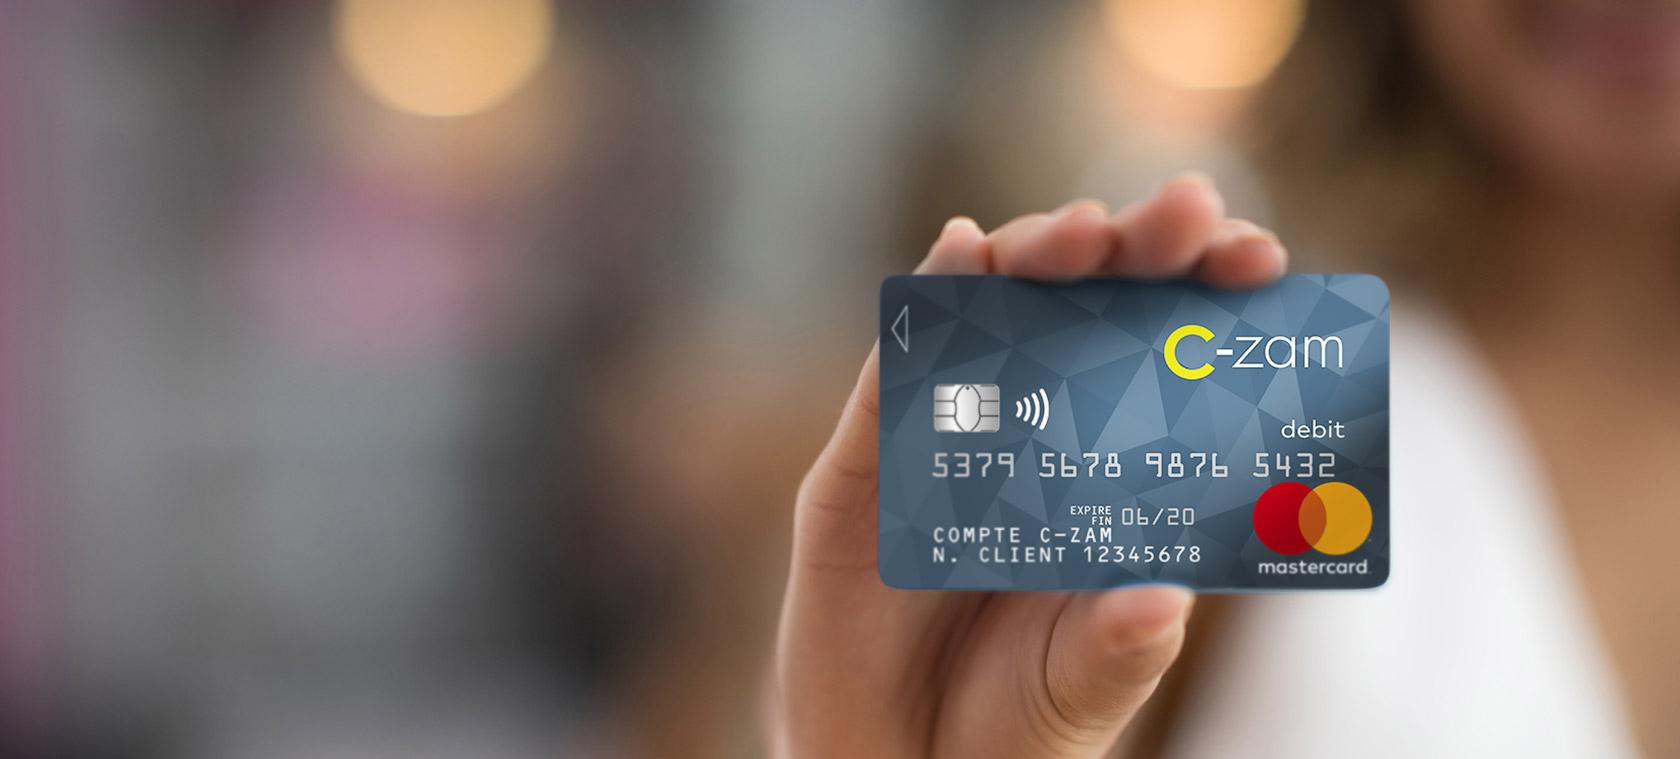 La carte C-Zam : une carte bancaire avec de nombreux avantages